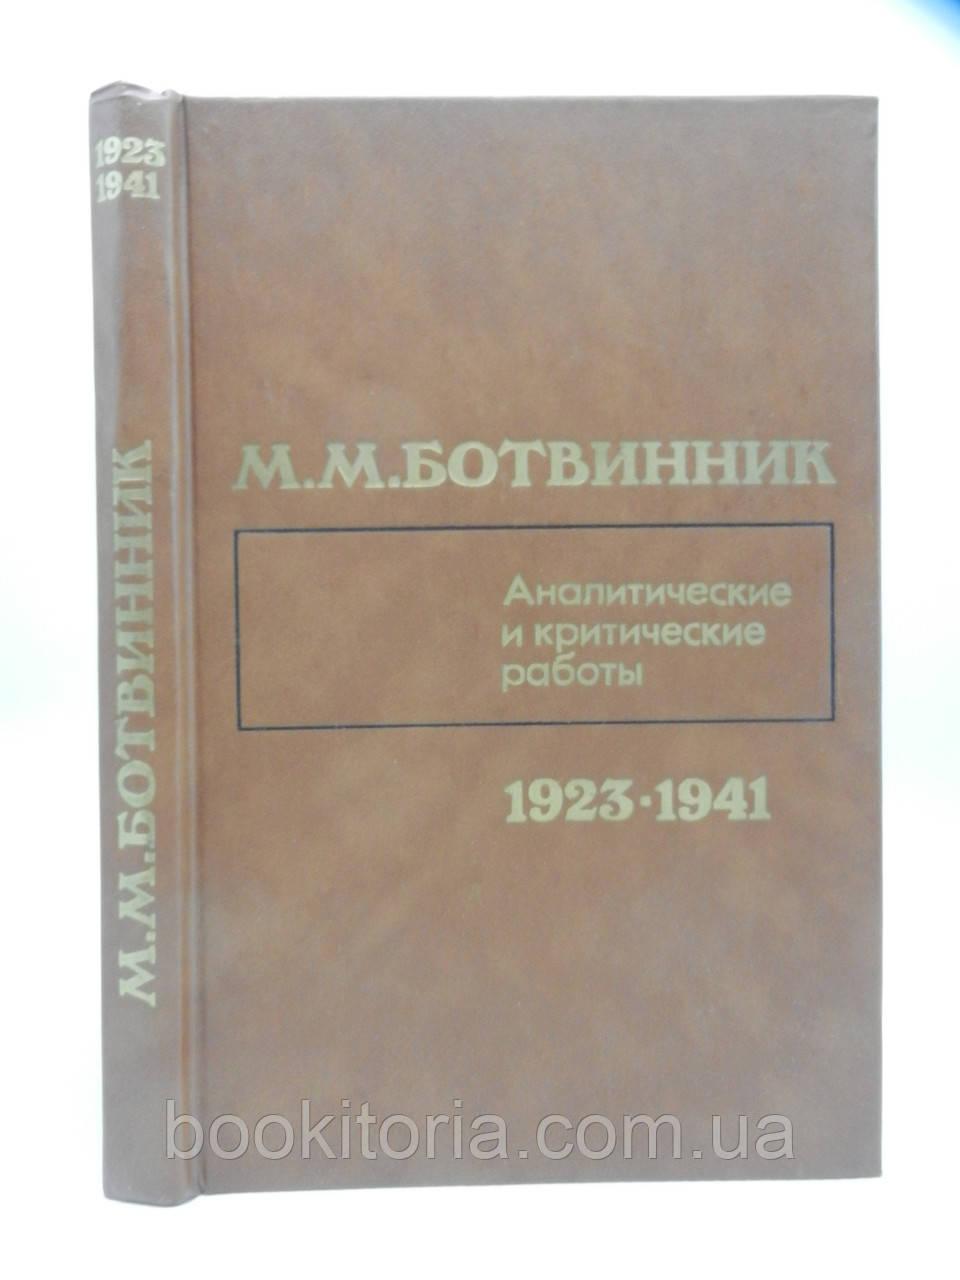 Ботвинник М.М. Аналитические и критические статьи (1923 – 1941) (б/у).